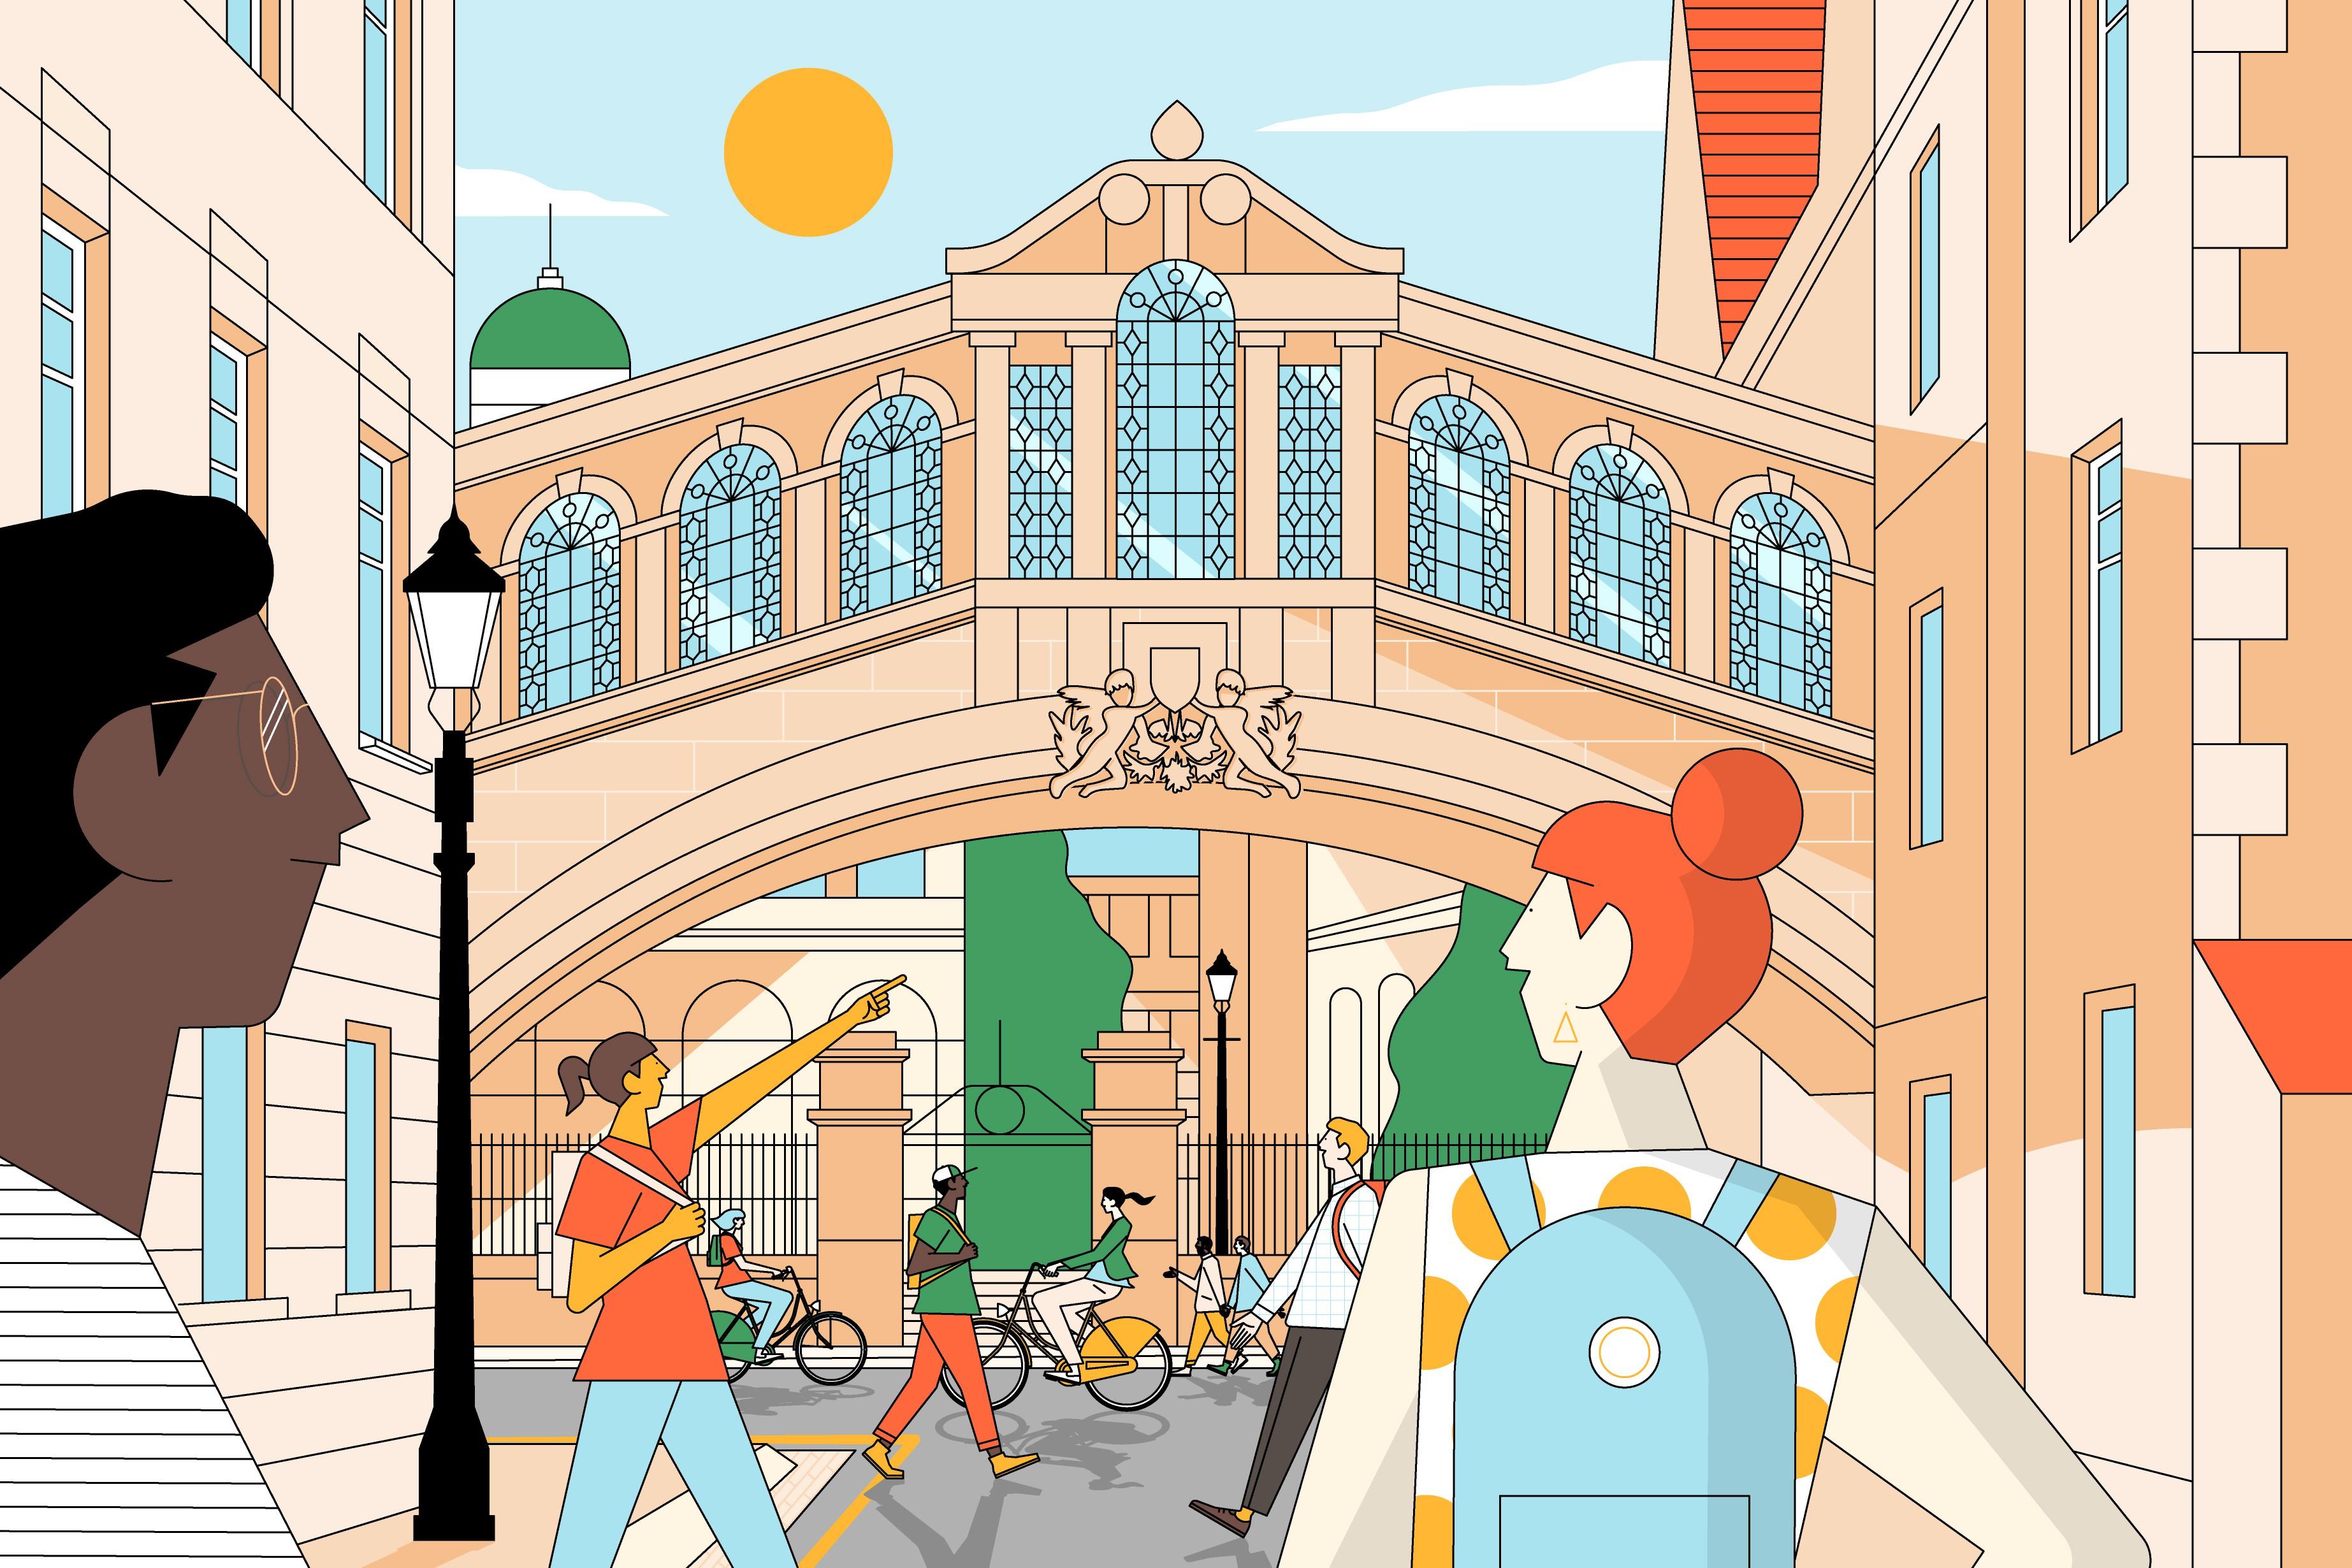 Oxford - Books